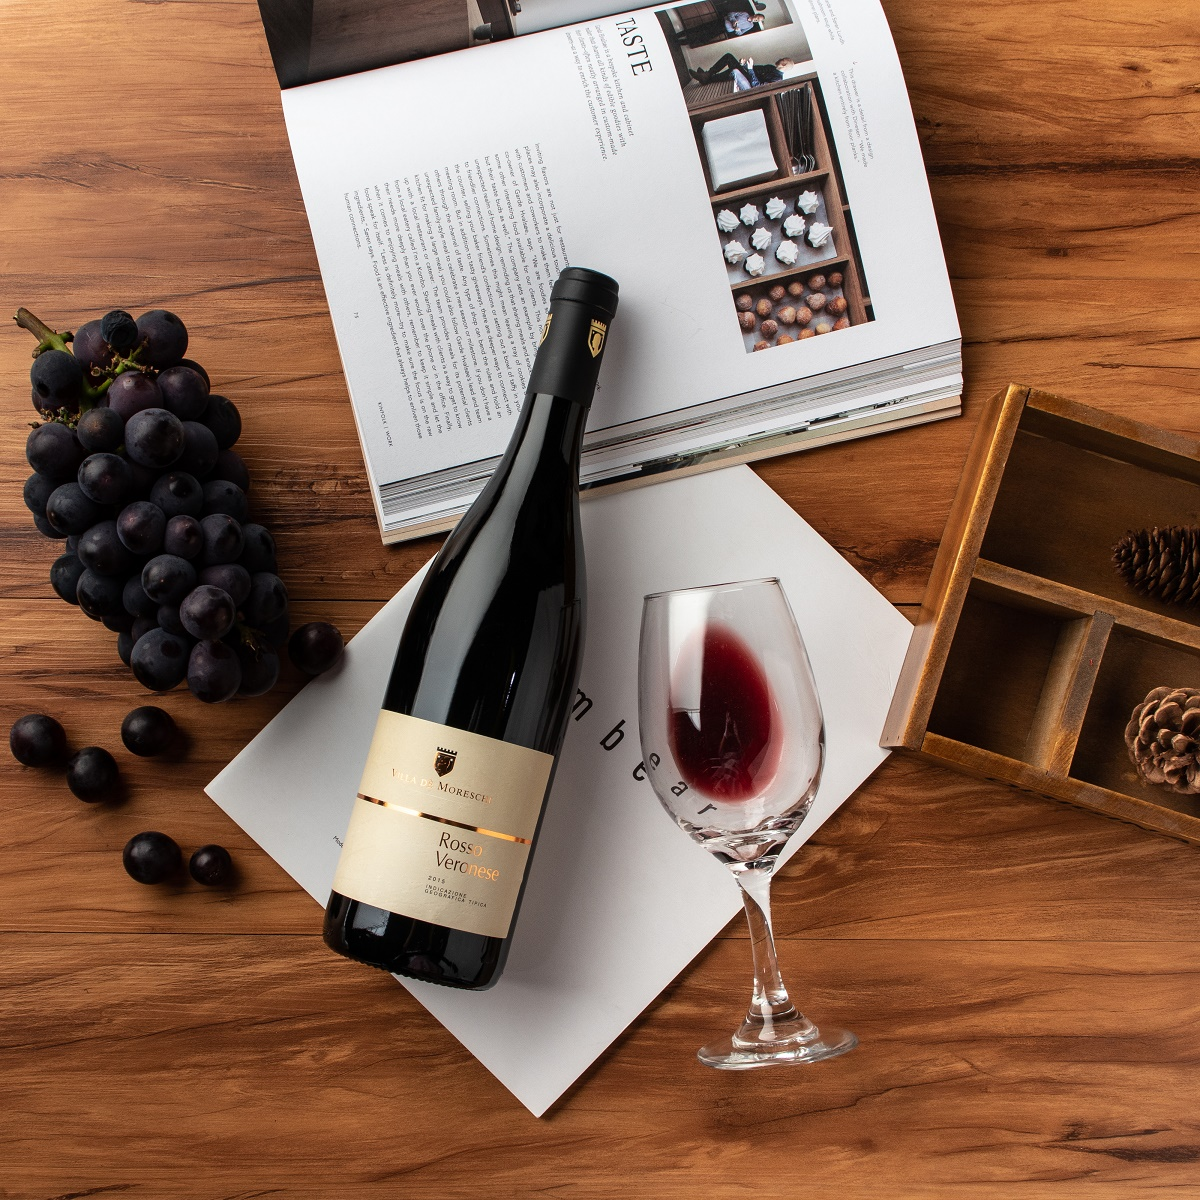 意大利威尼托莫里斯基酒庄梅洛柯维娜混酿维罗纳IGT干红葡萄酒